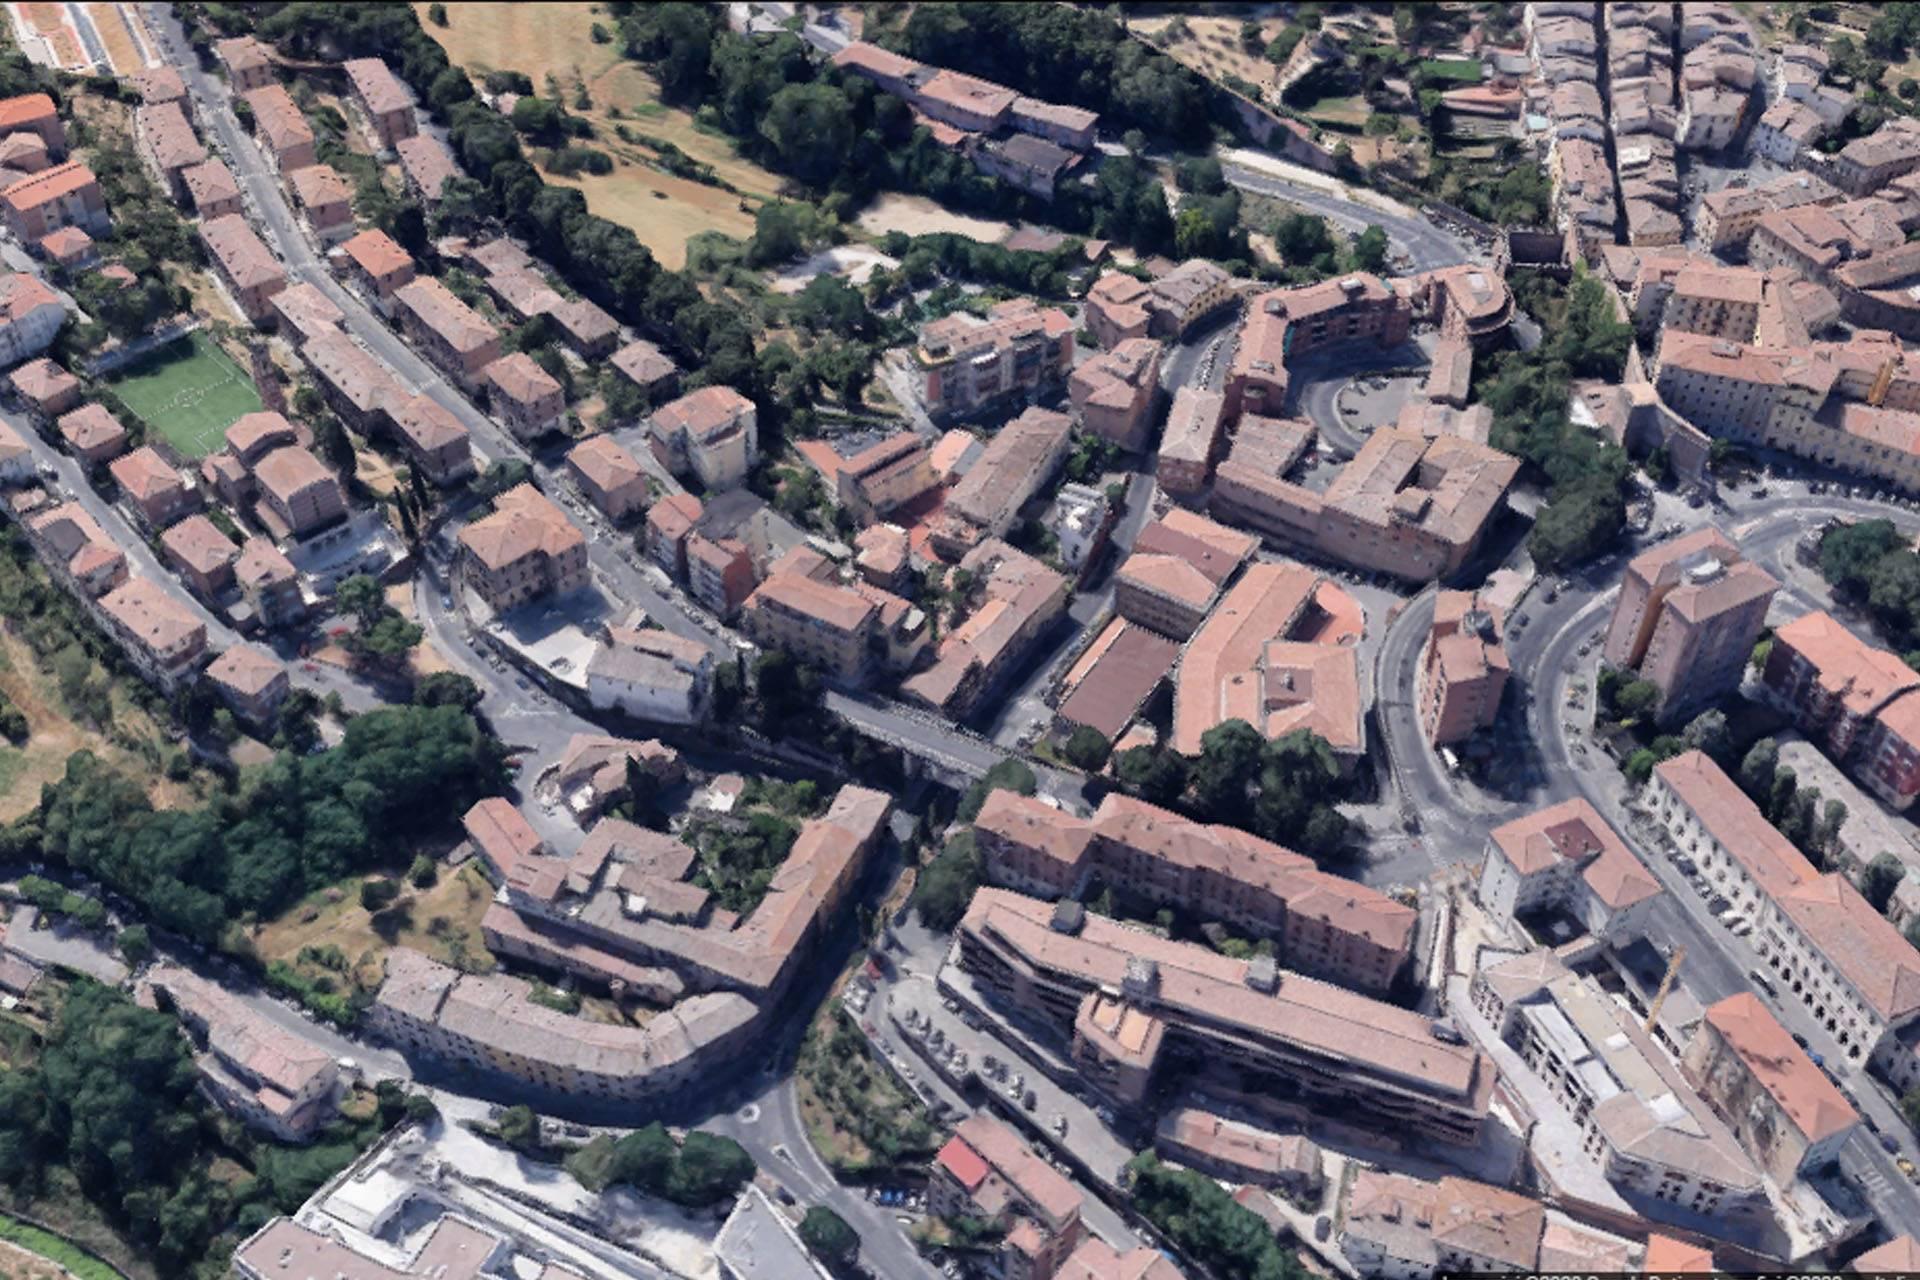 Fondo commerciale di 510 mq con parcheggio privato per la clientela in visita, appena fuori le mura di Siena. Il fondo è attualmente composto da un